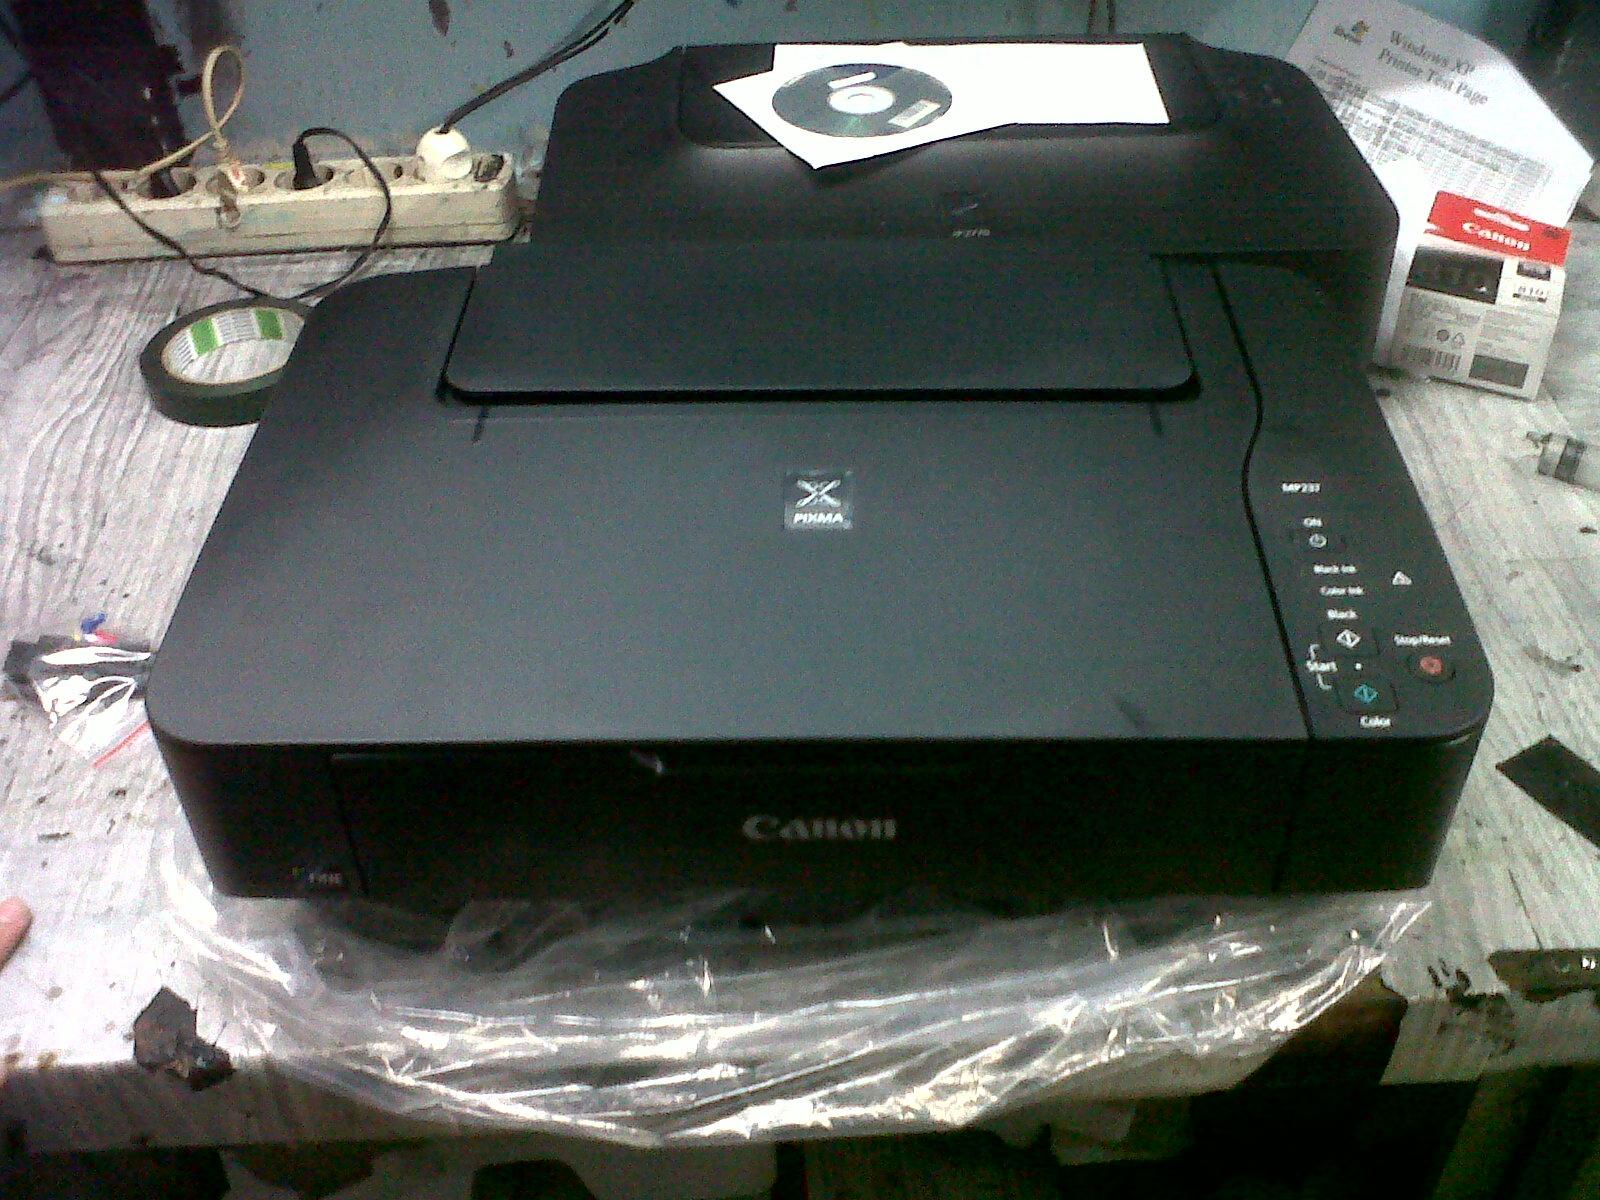 Langkah Memasang Infus Saluran Pembuangan Pada Printer Canon Pixma Selang 4 Jalur Mp237